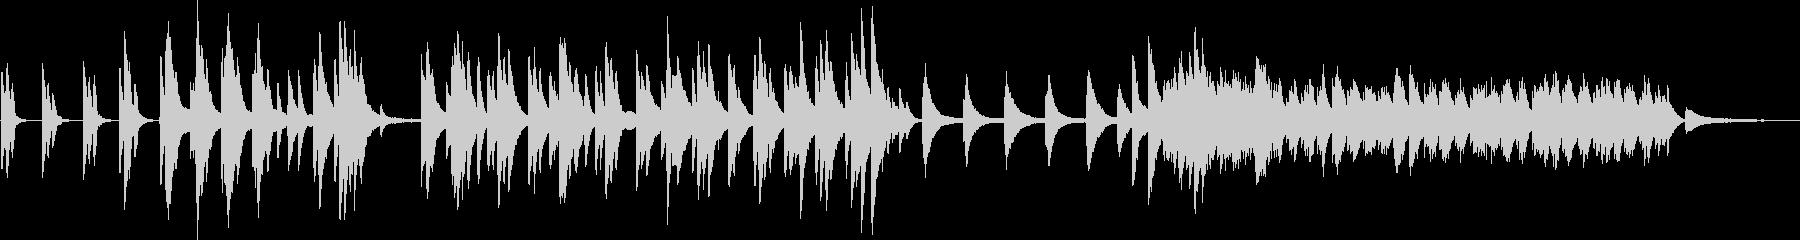 偉大なる揺り籠のピアノの未再生の波形